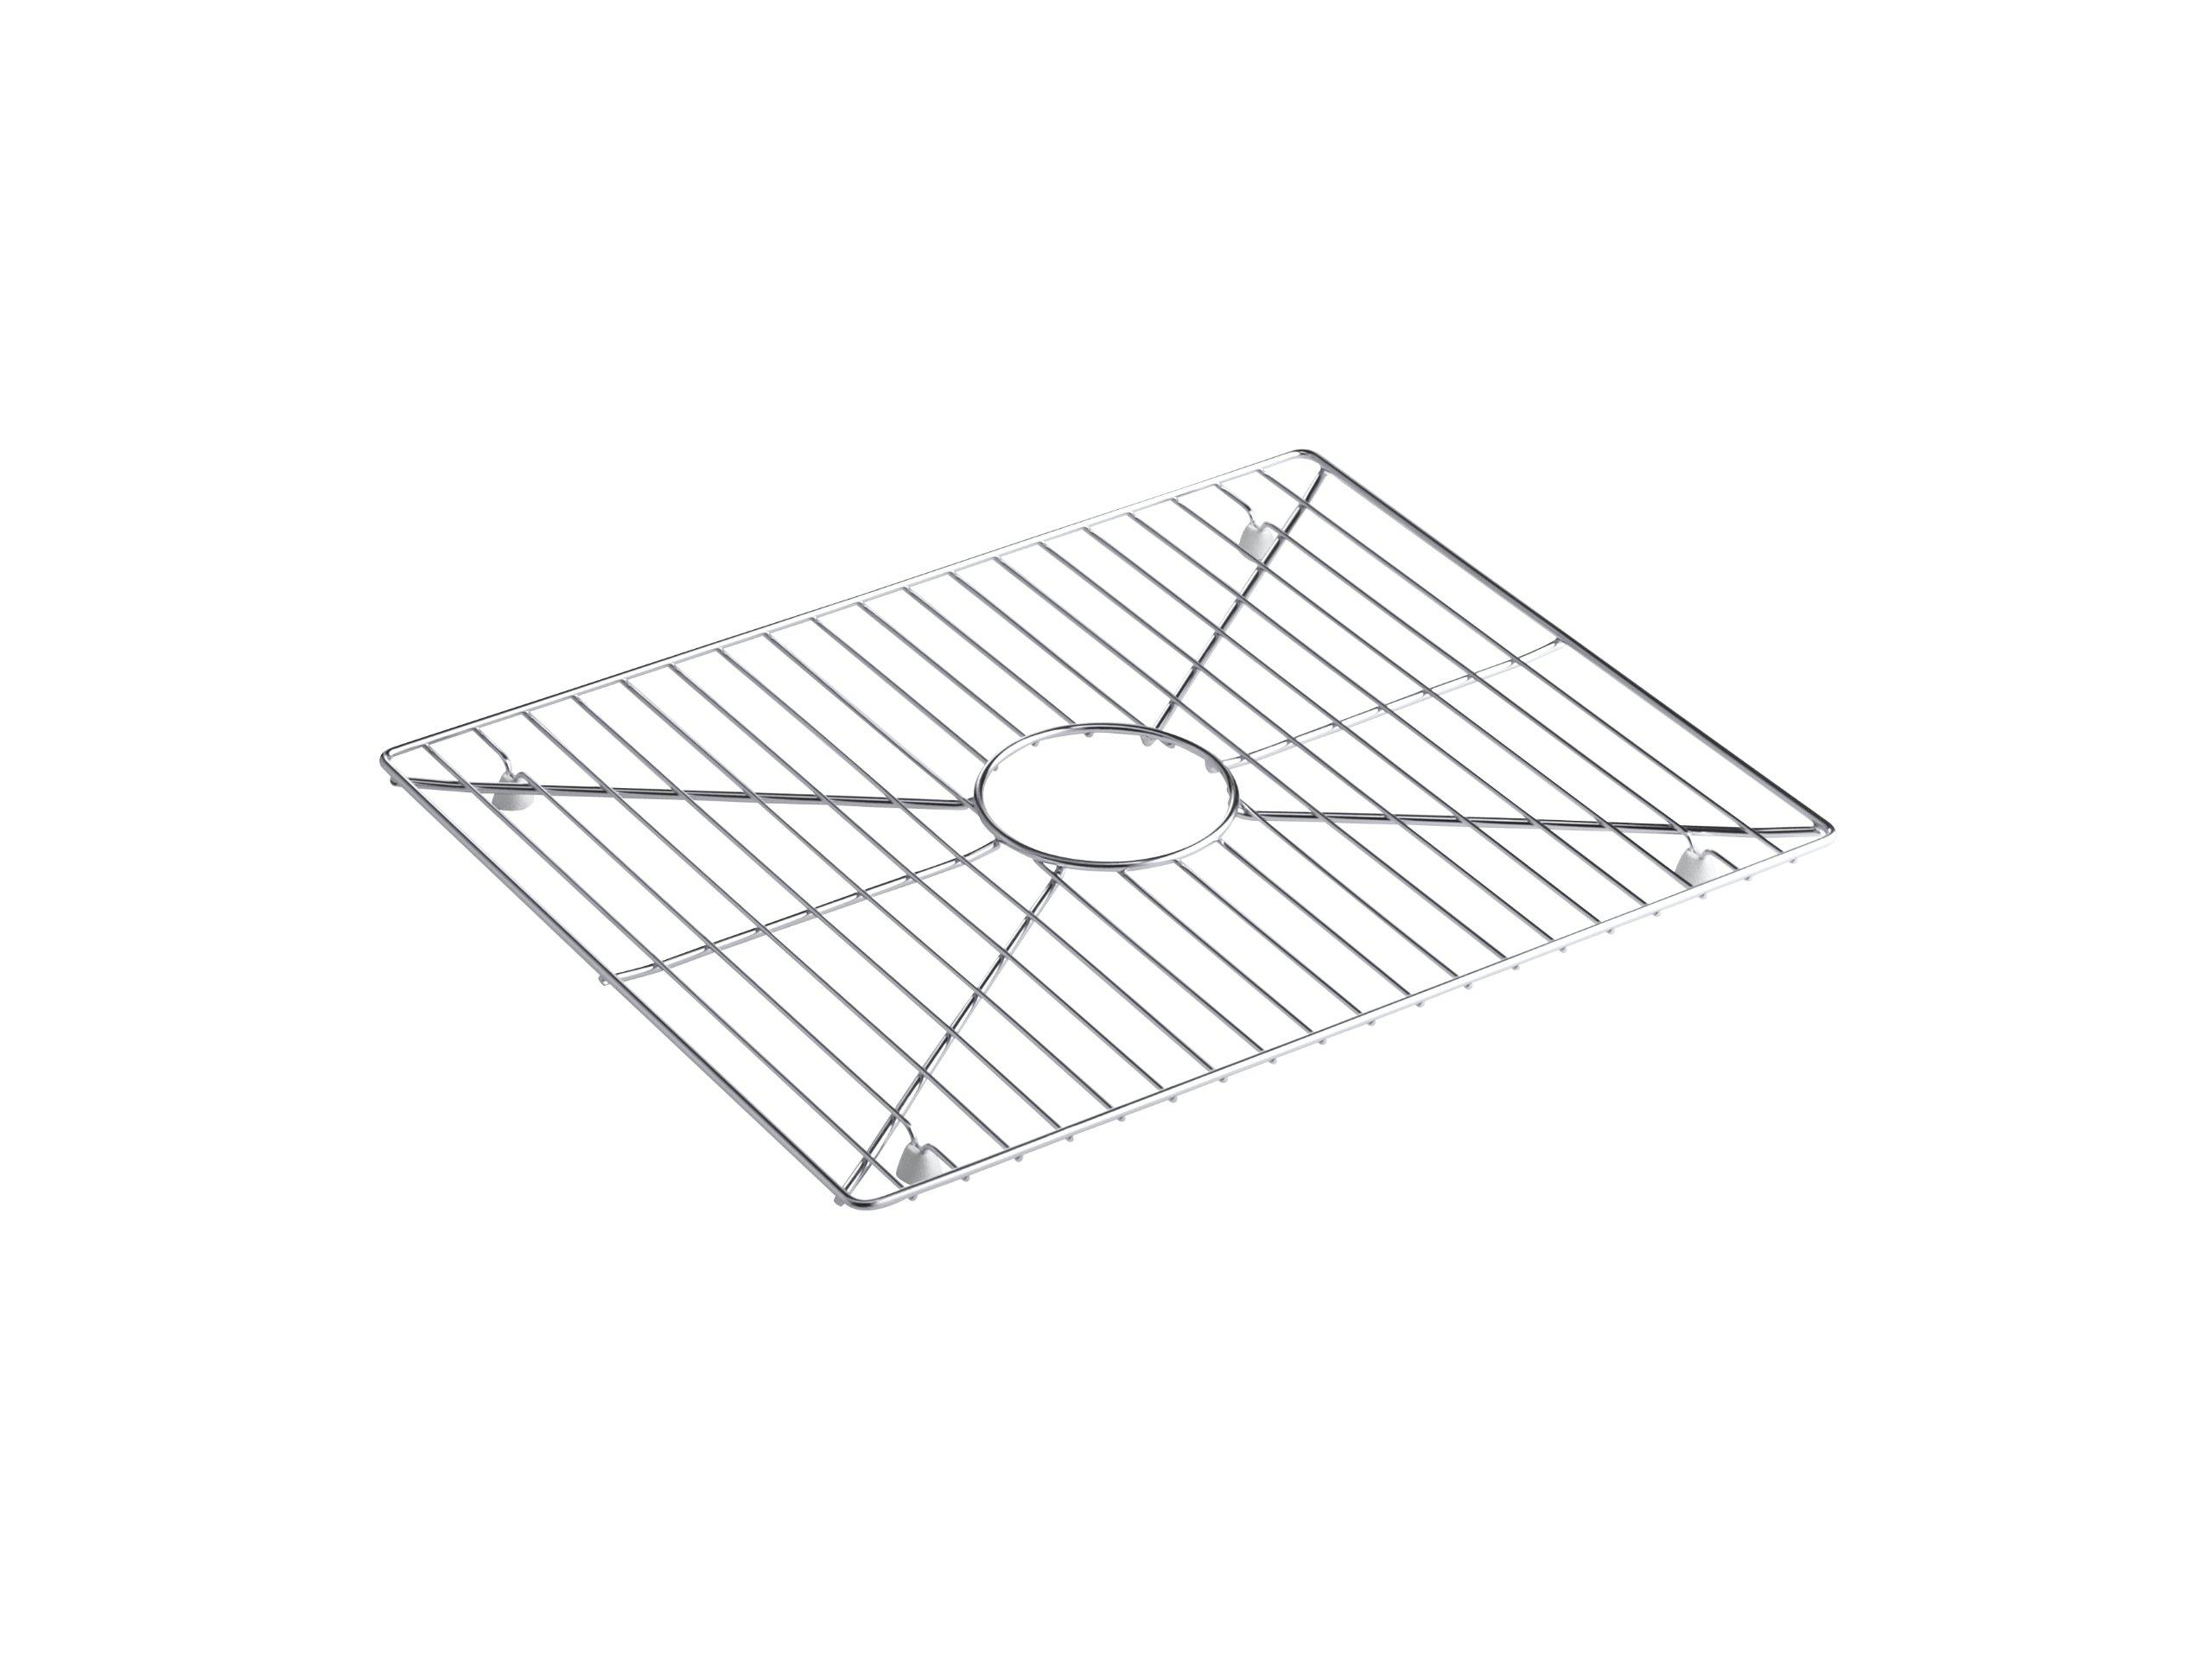 Kohler K-6234-ST Bottom Basin Rack for Stages 33'' Sink, Stainless Steel